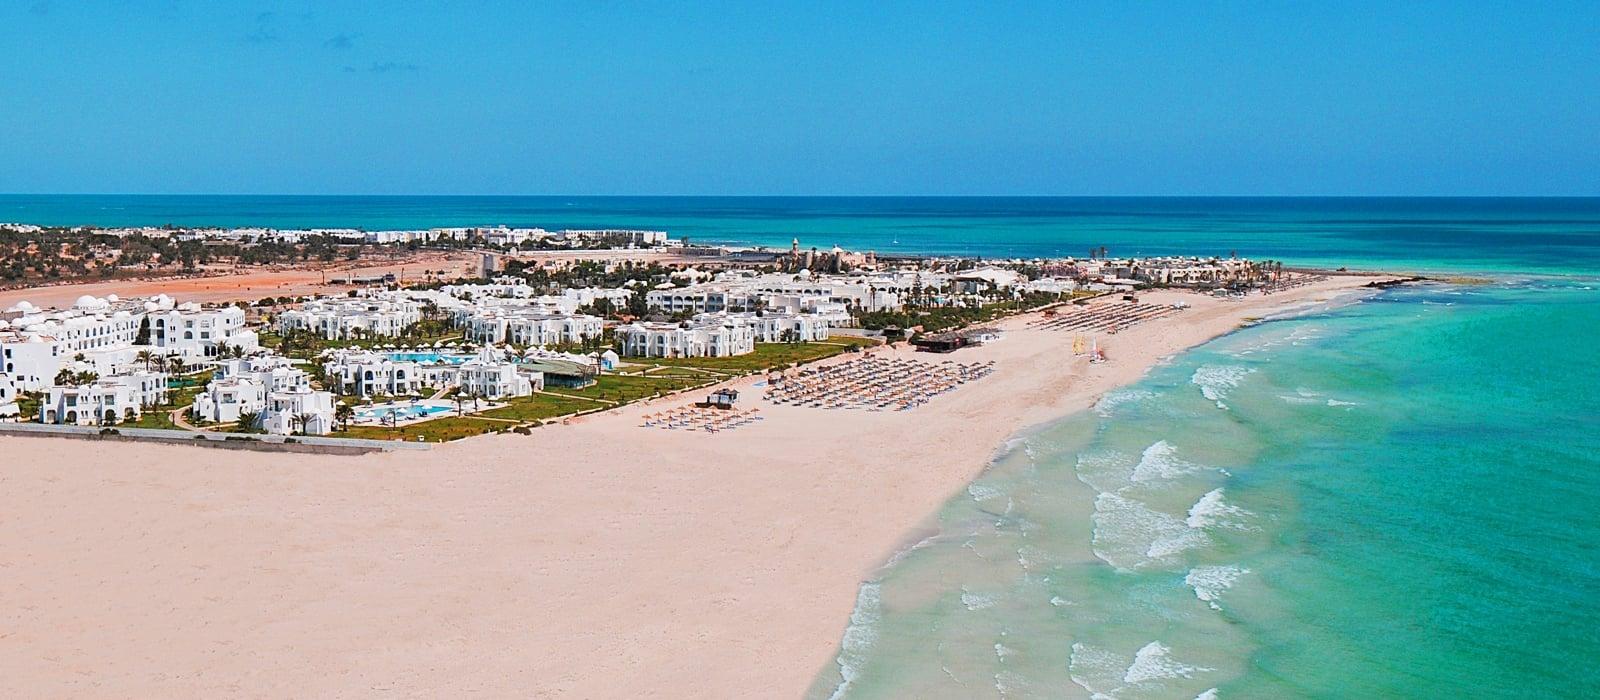 Vincci Hoteles. I migliori hotel a Djerba, Tunisia.